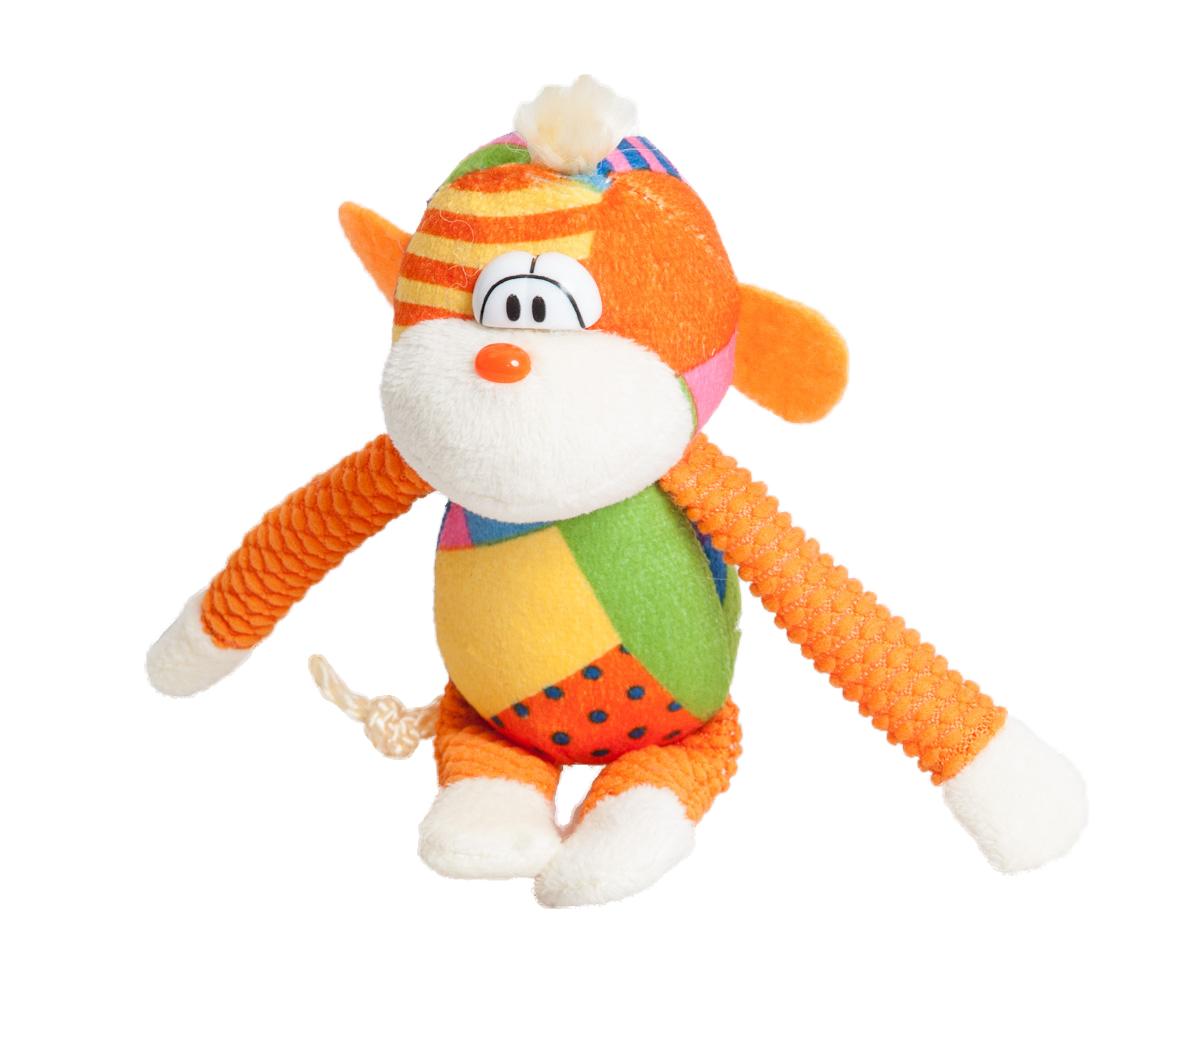 Fancy Обезьянка Хели, цвет в ассортиментеOBXU0Подарочная мягкая игрушка